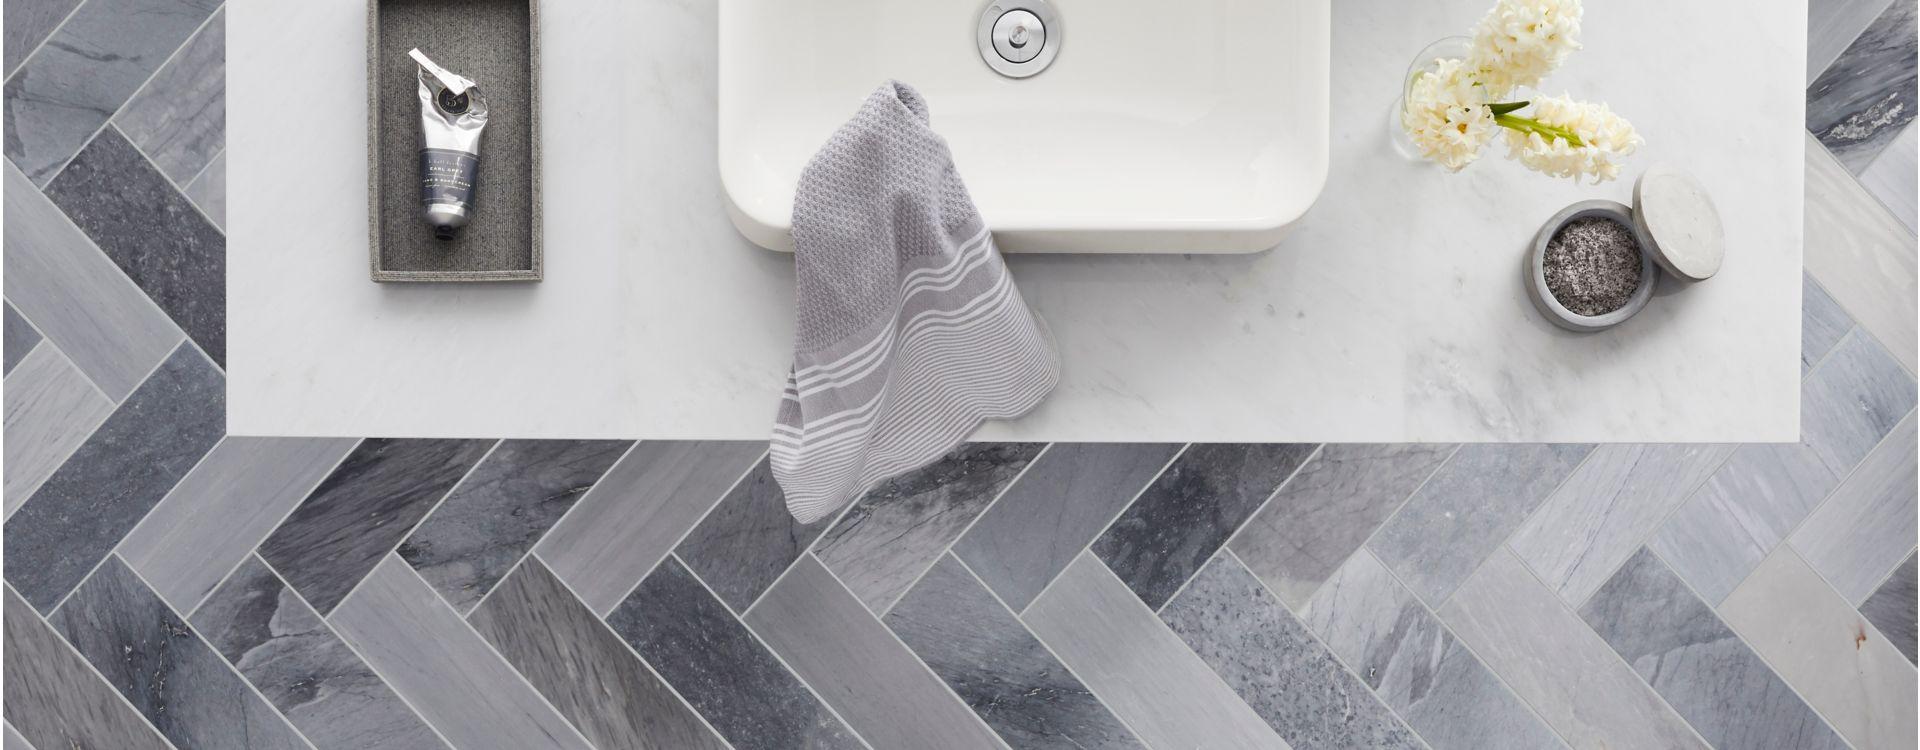 Gạch lát nền phòng tắm hình xương cá màu xám đậm.